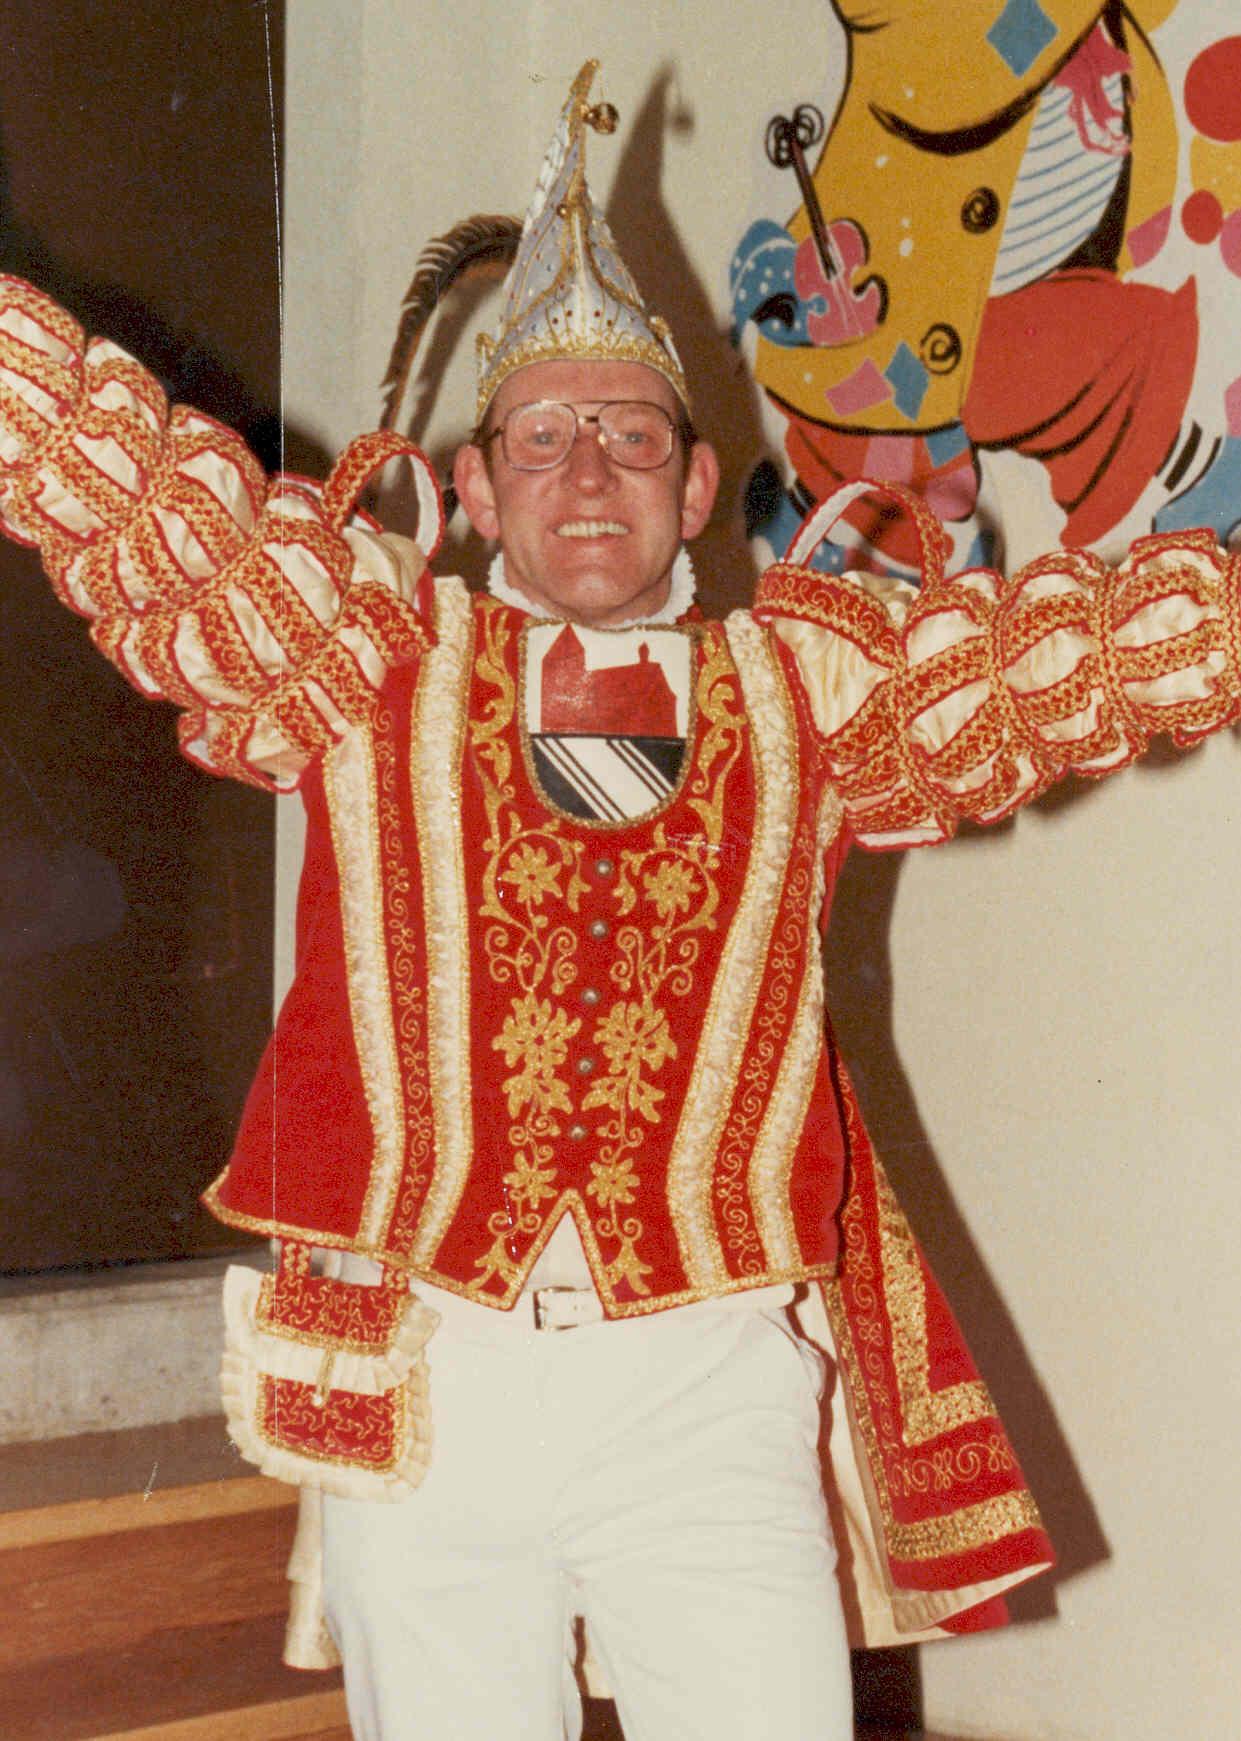 1983-Josef II (Zeppenfeld)